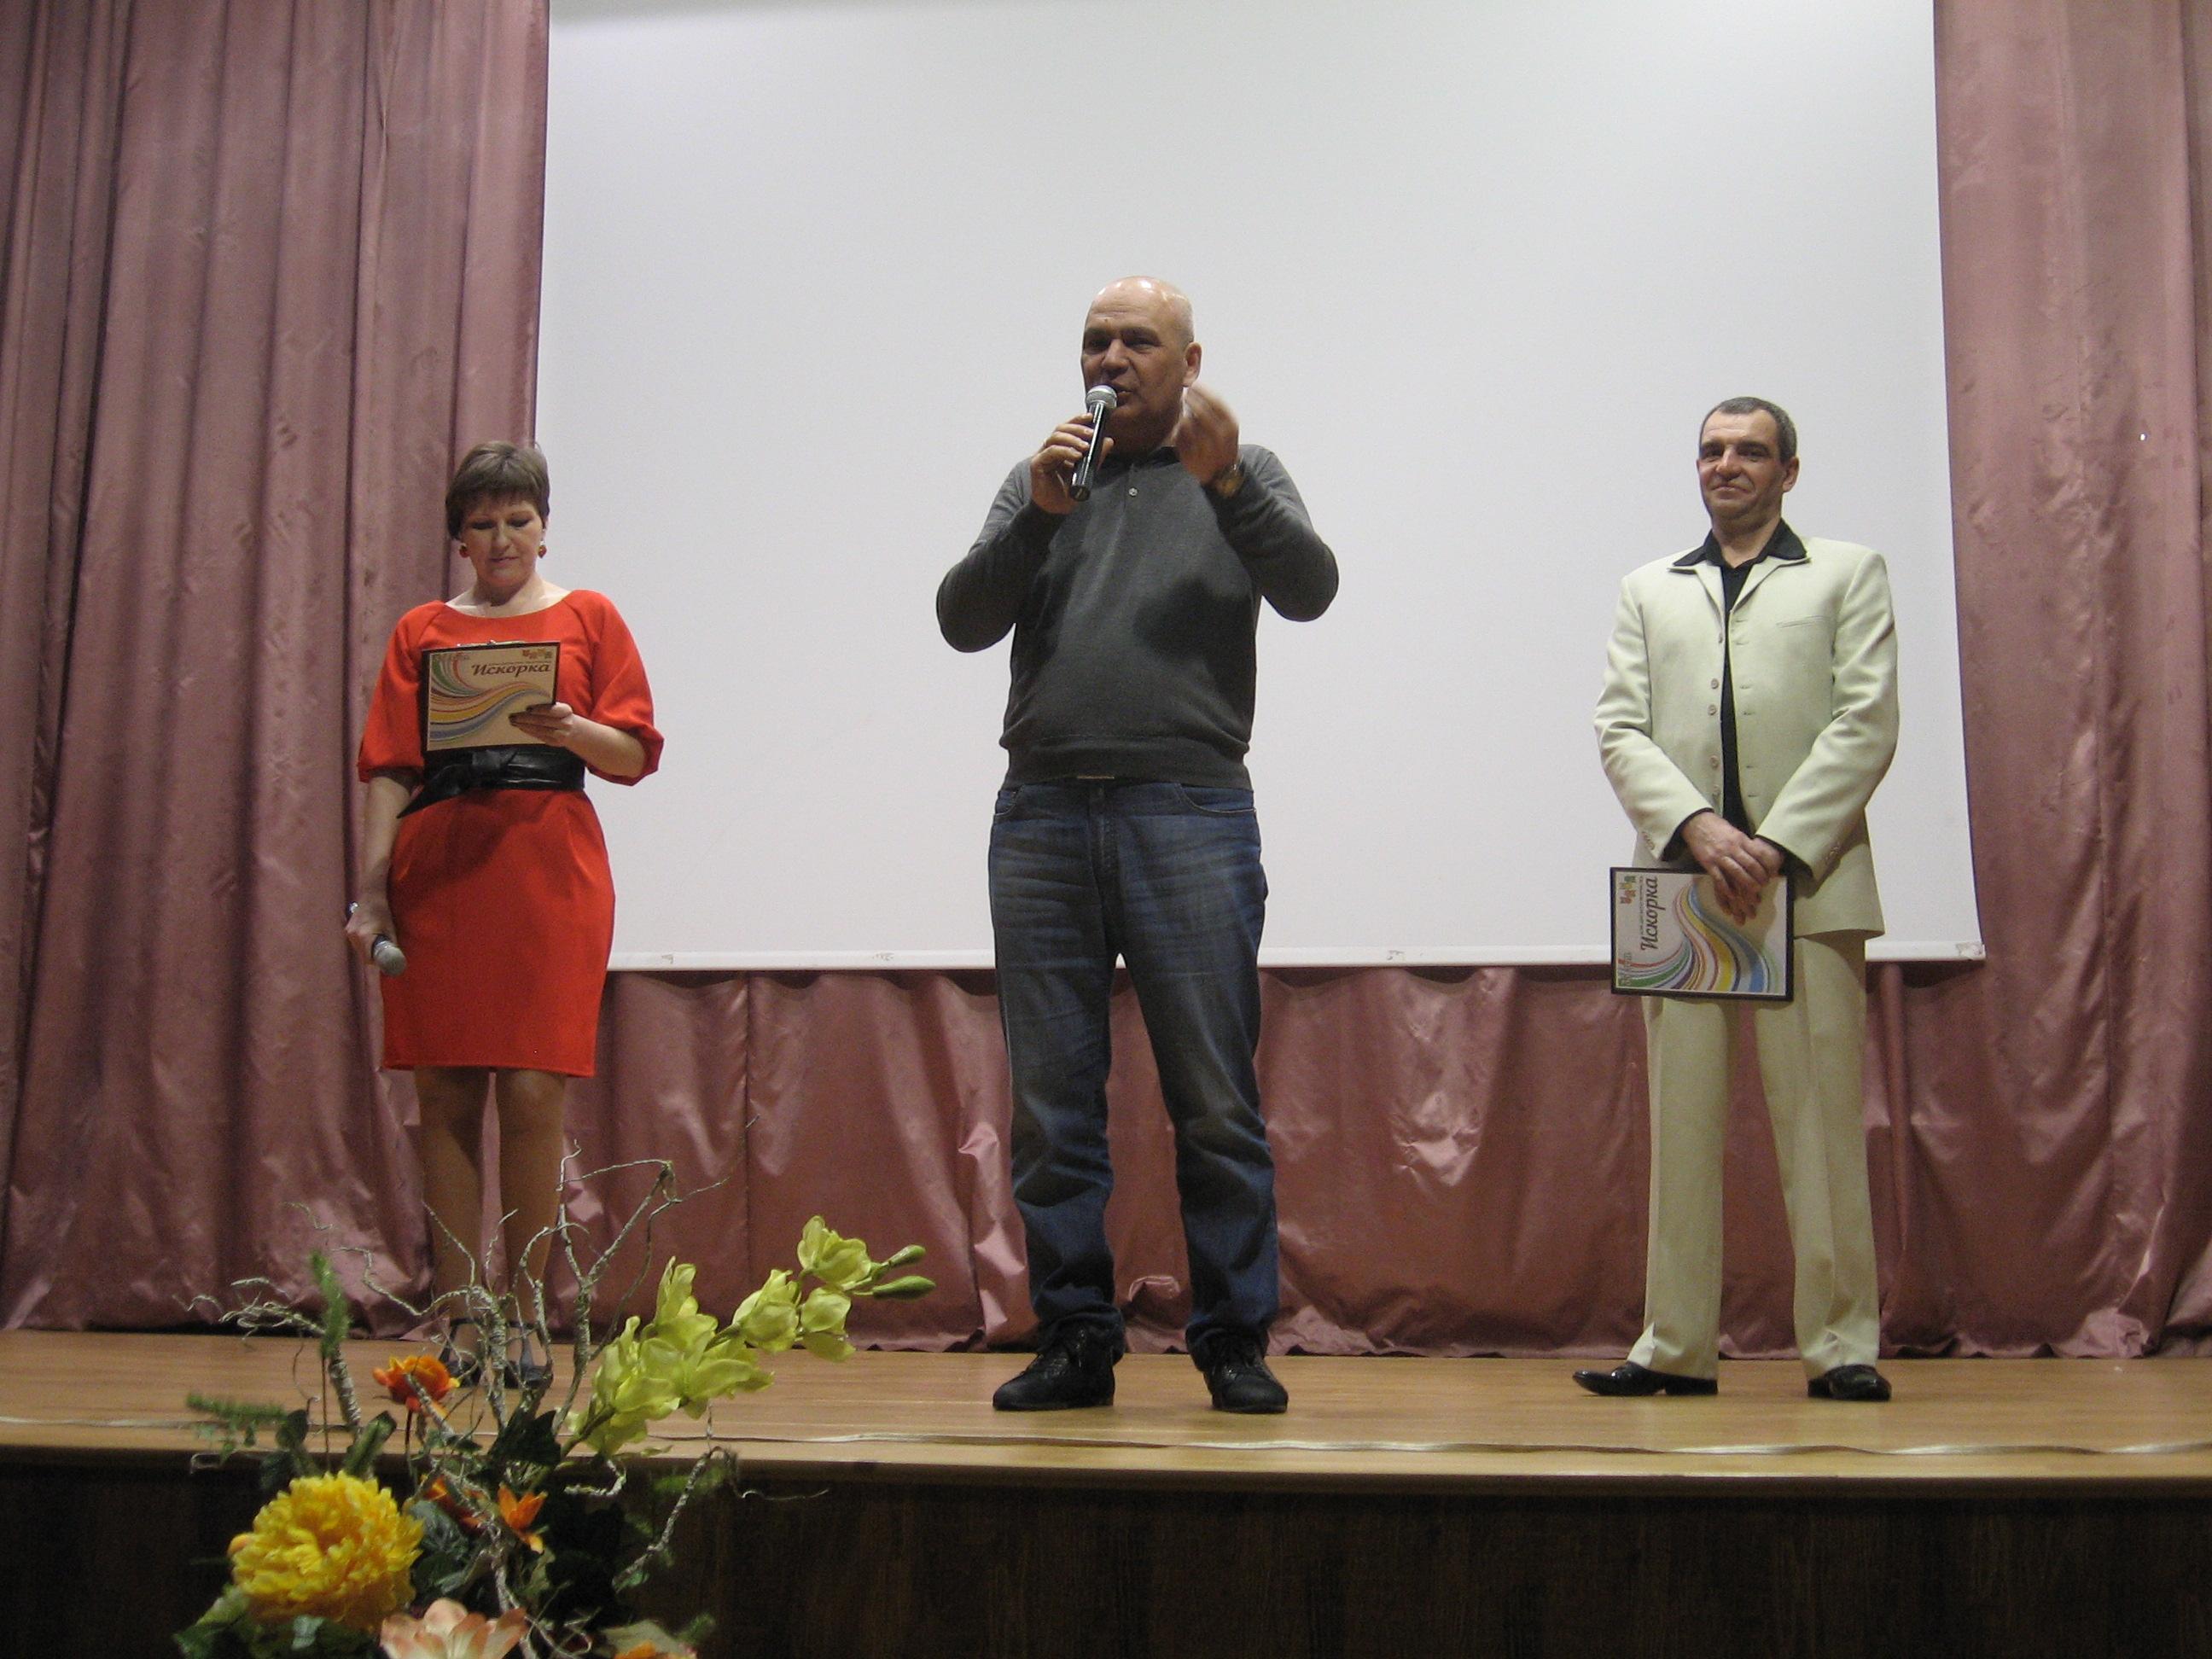 Депутат Думы города Томска, член фракции Единая Россия, Игорь Морозов, подвел итоги работы за 2017 год.